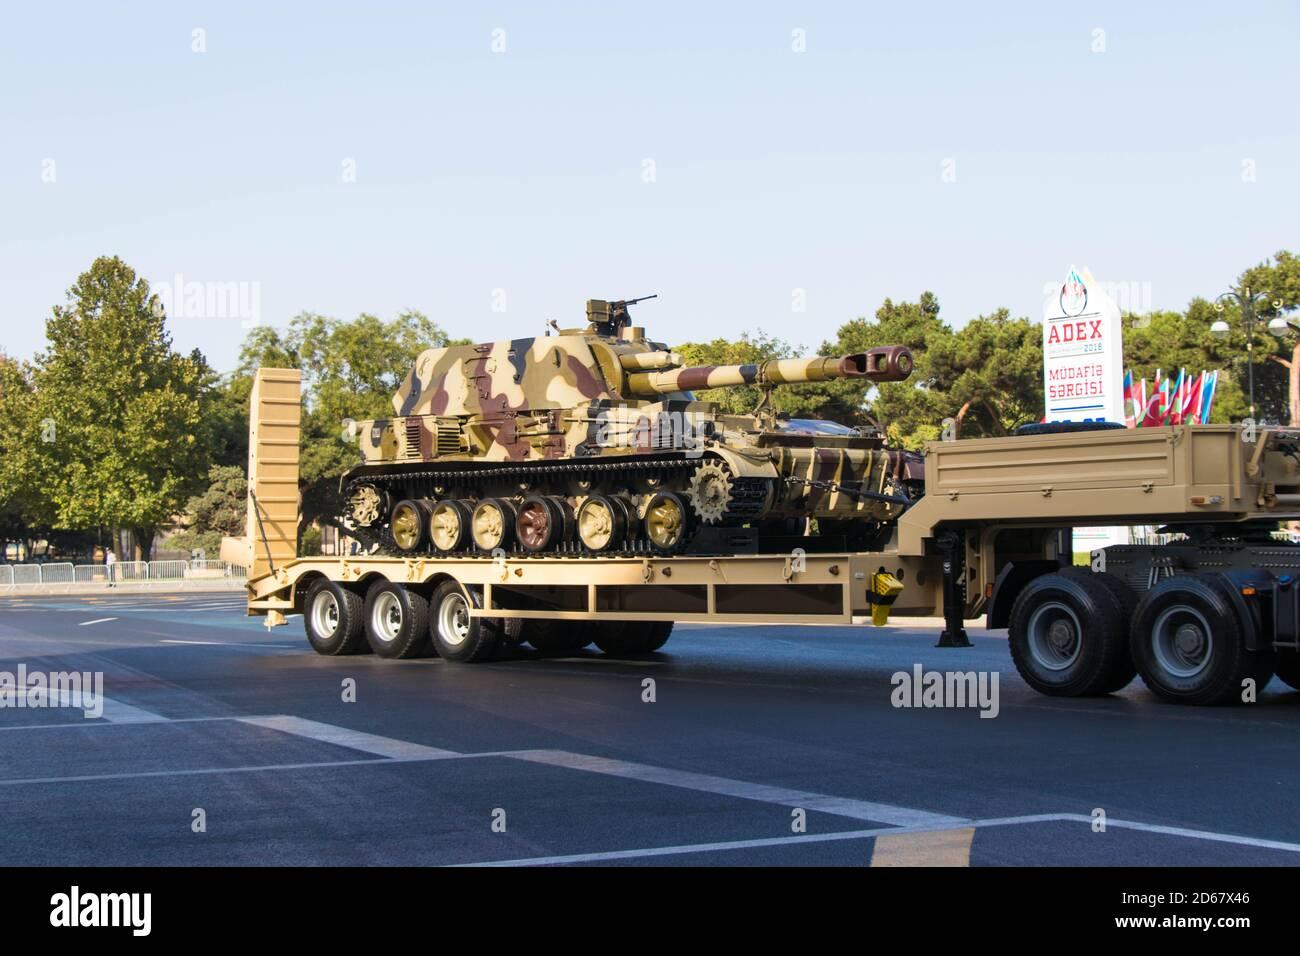 Howitzer automoteur MSTA-S 2S19 152 mm. Exposition de l'Artillerie d'Azerbaïdjan. Bakou - Azerbaïdjan : 18 septembre 2018 Banque D'Images